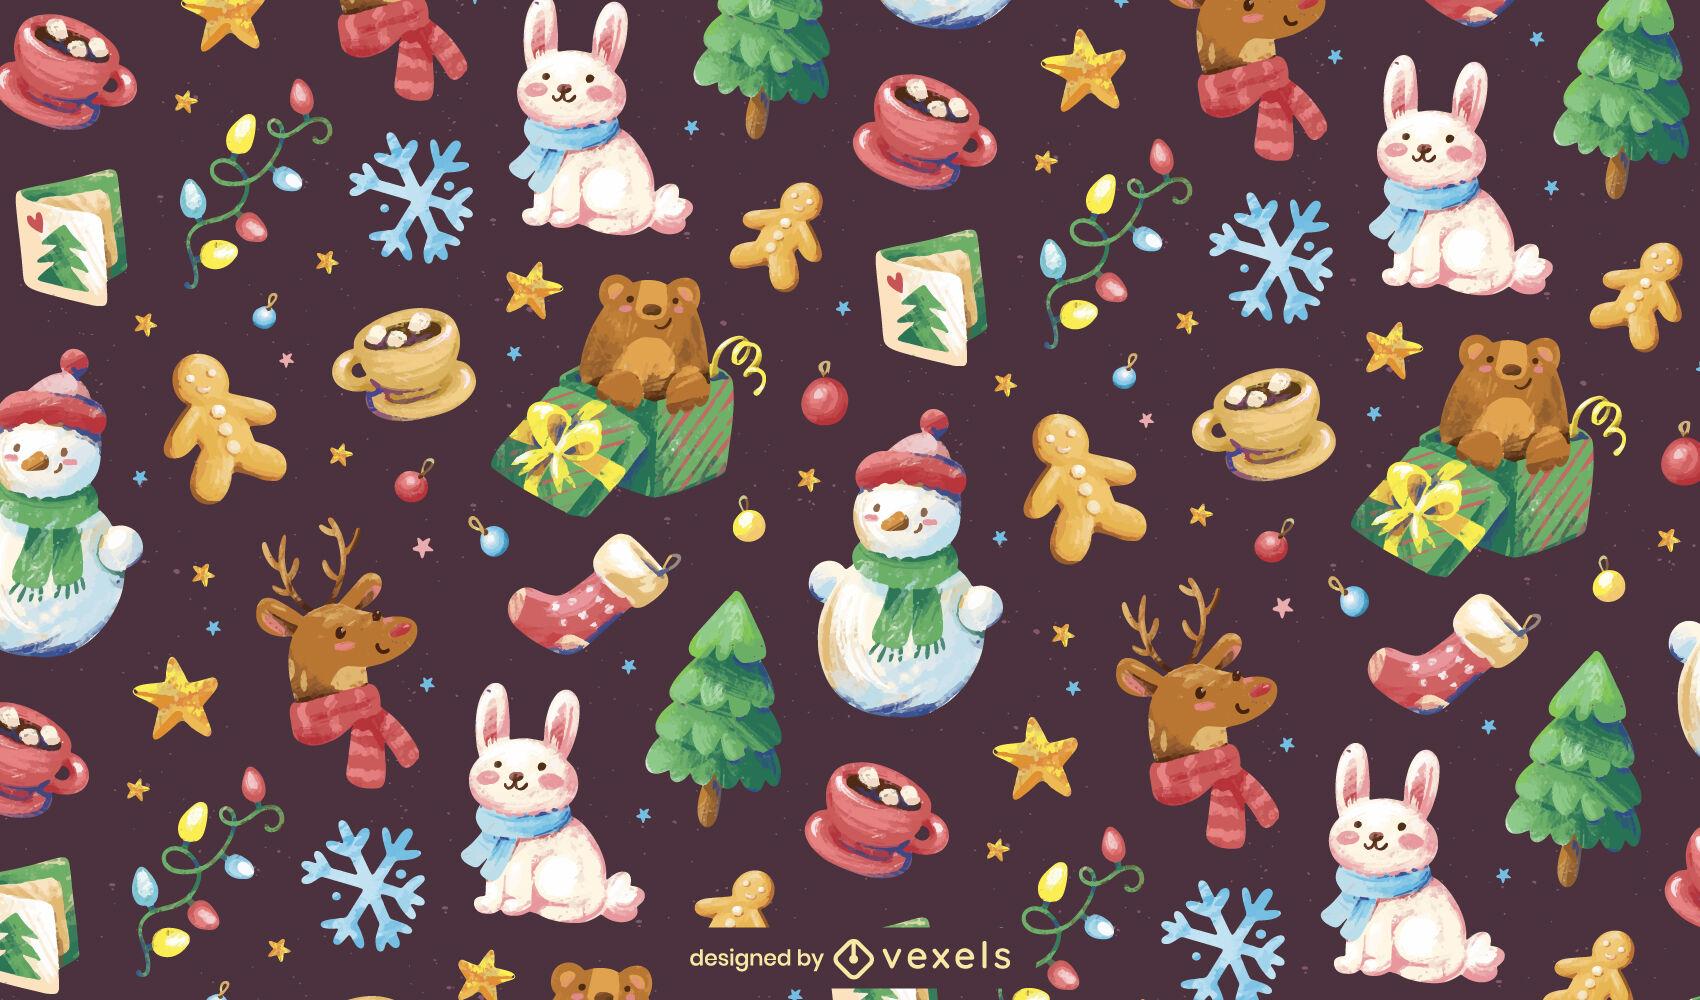 Projeto de padrão de elementos de férias de Natal